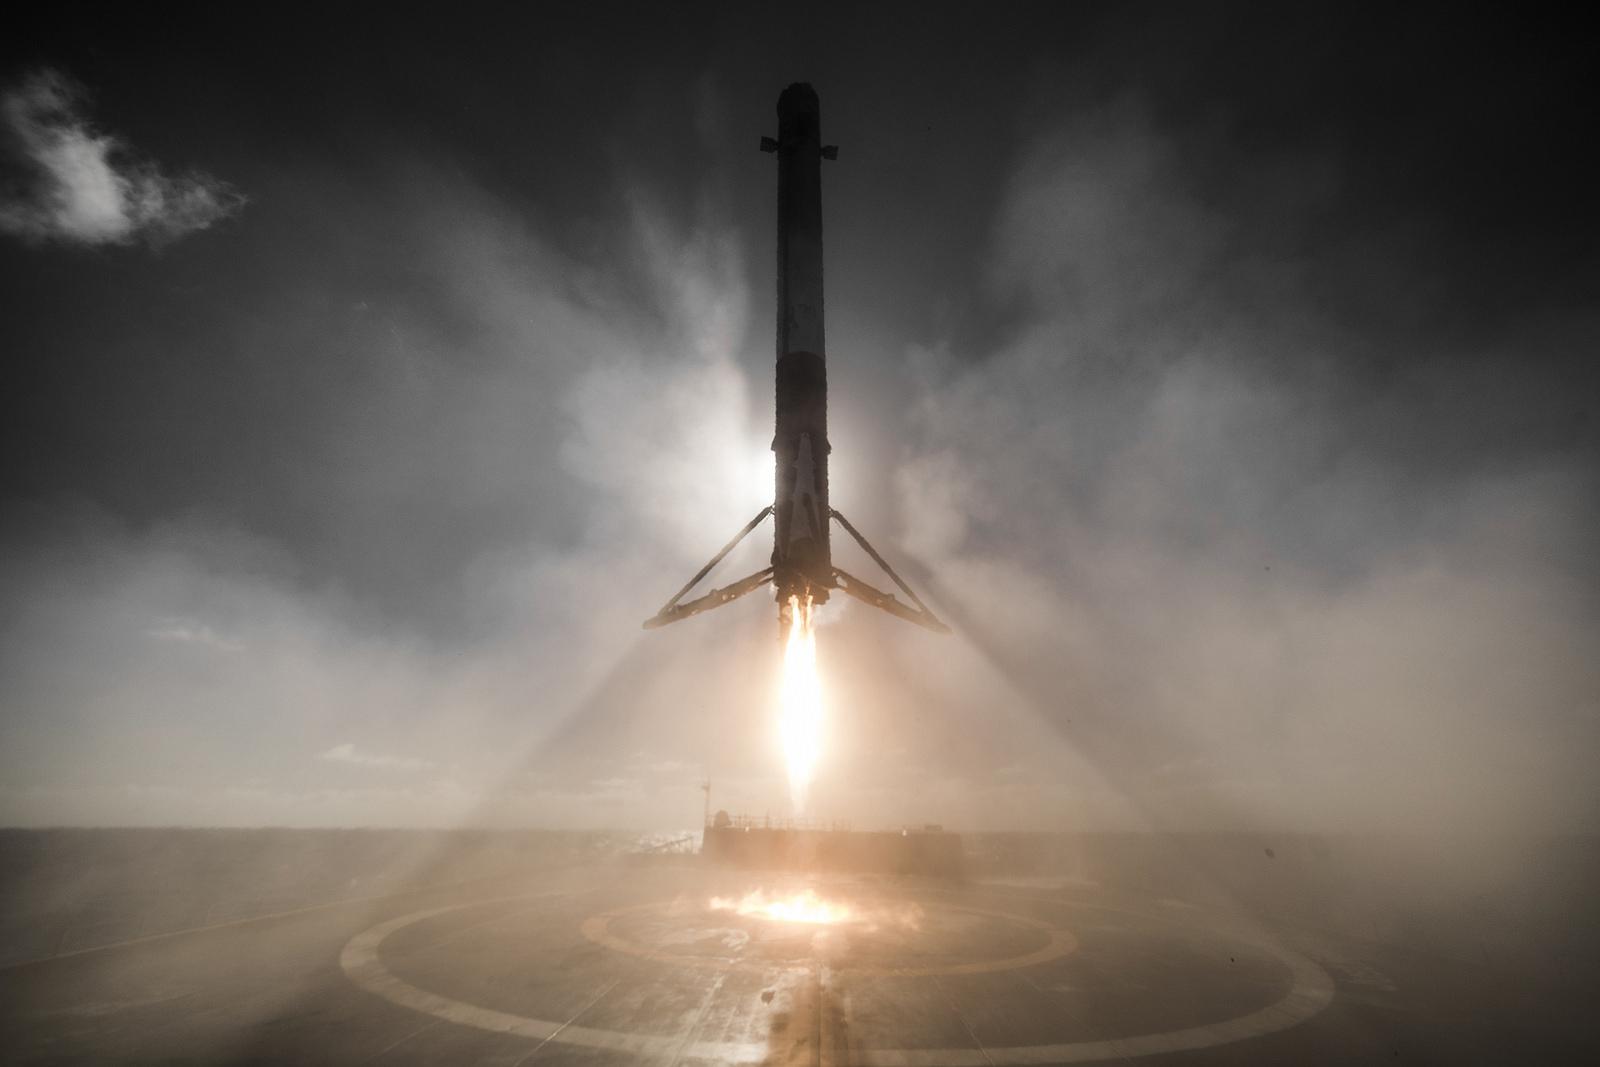 Otra toma del Falcon 9 aterrizando en una plataforma flotante